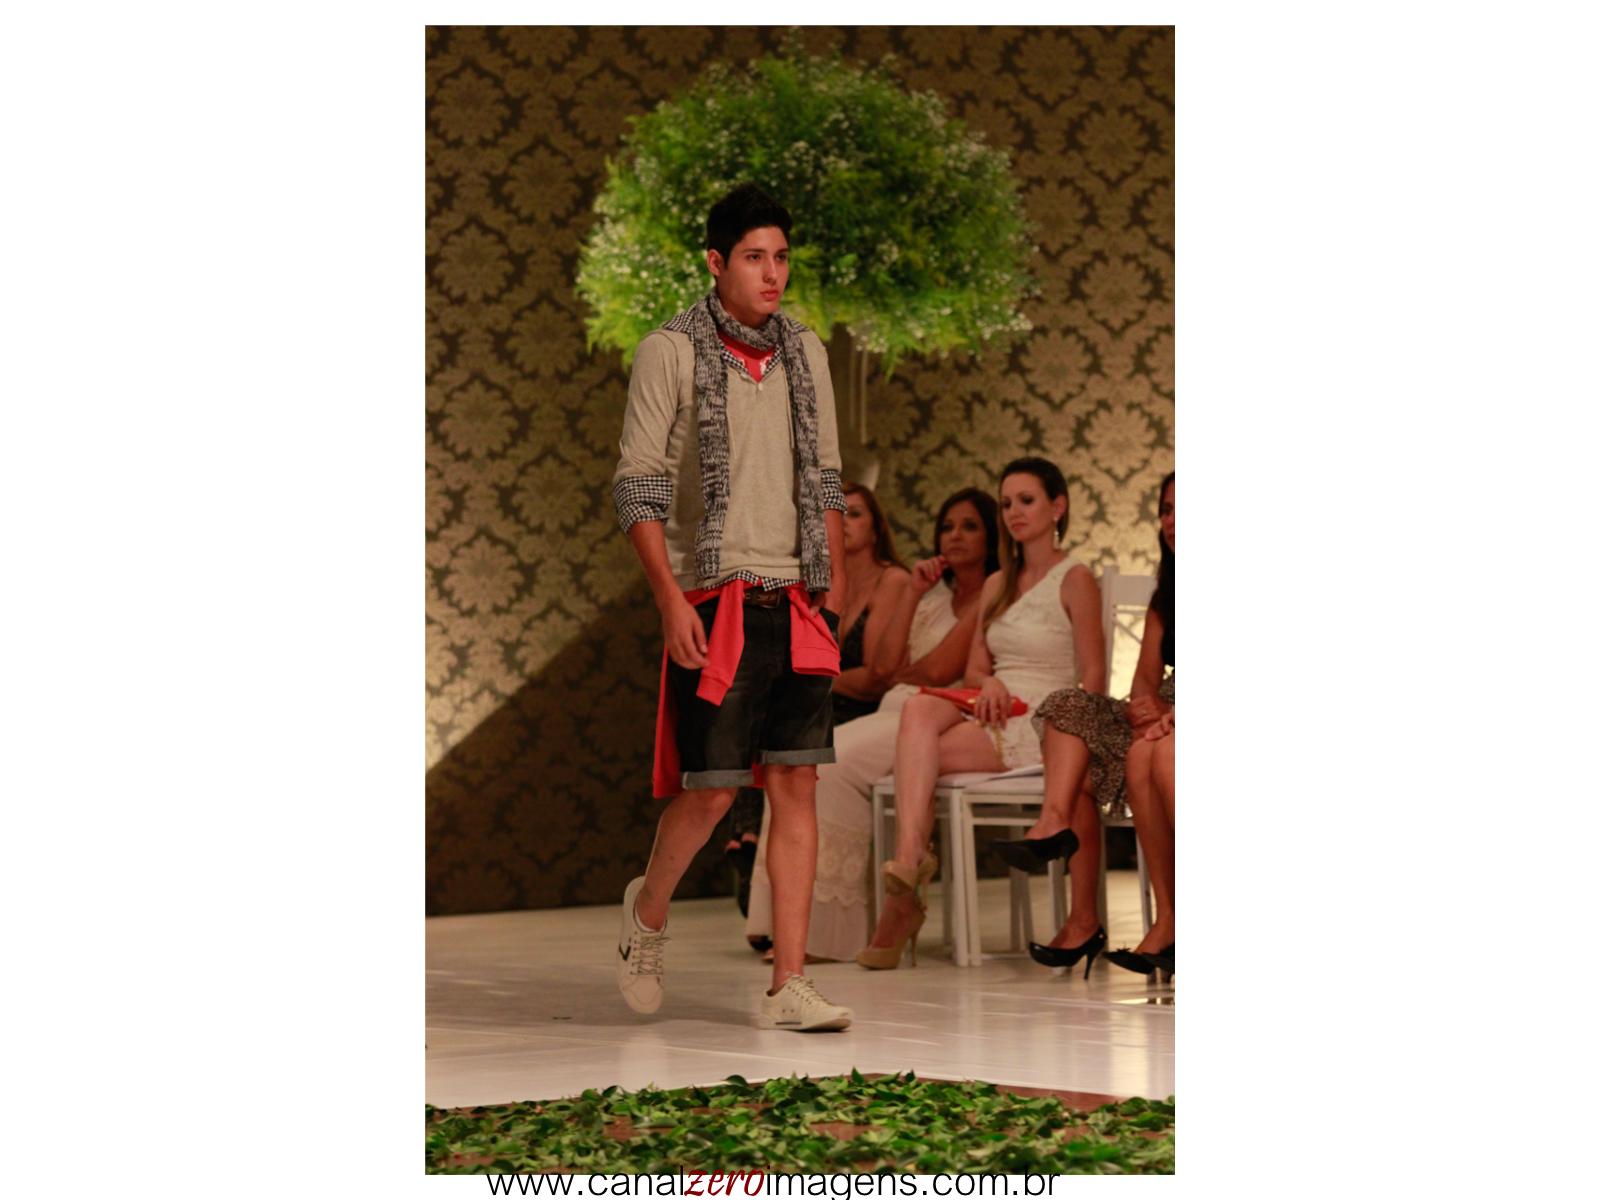 http://4.bp.blogspot.com/-wyiMcFAMAqM/T49acLGE92I/AAAAAAAAA1Q/--HTXDShMiw/s1600/Imperium+Fashion+Day-185.jpeg